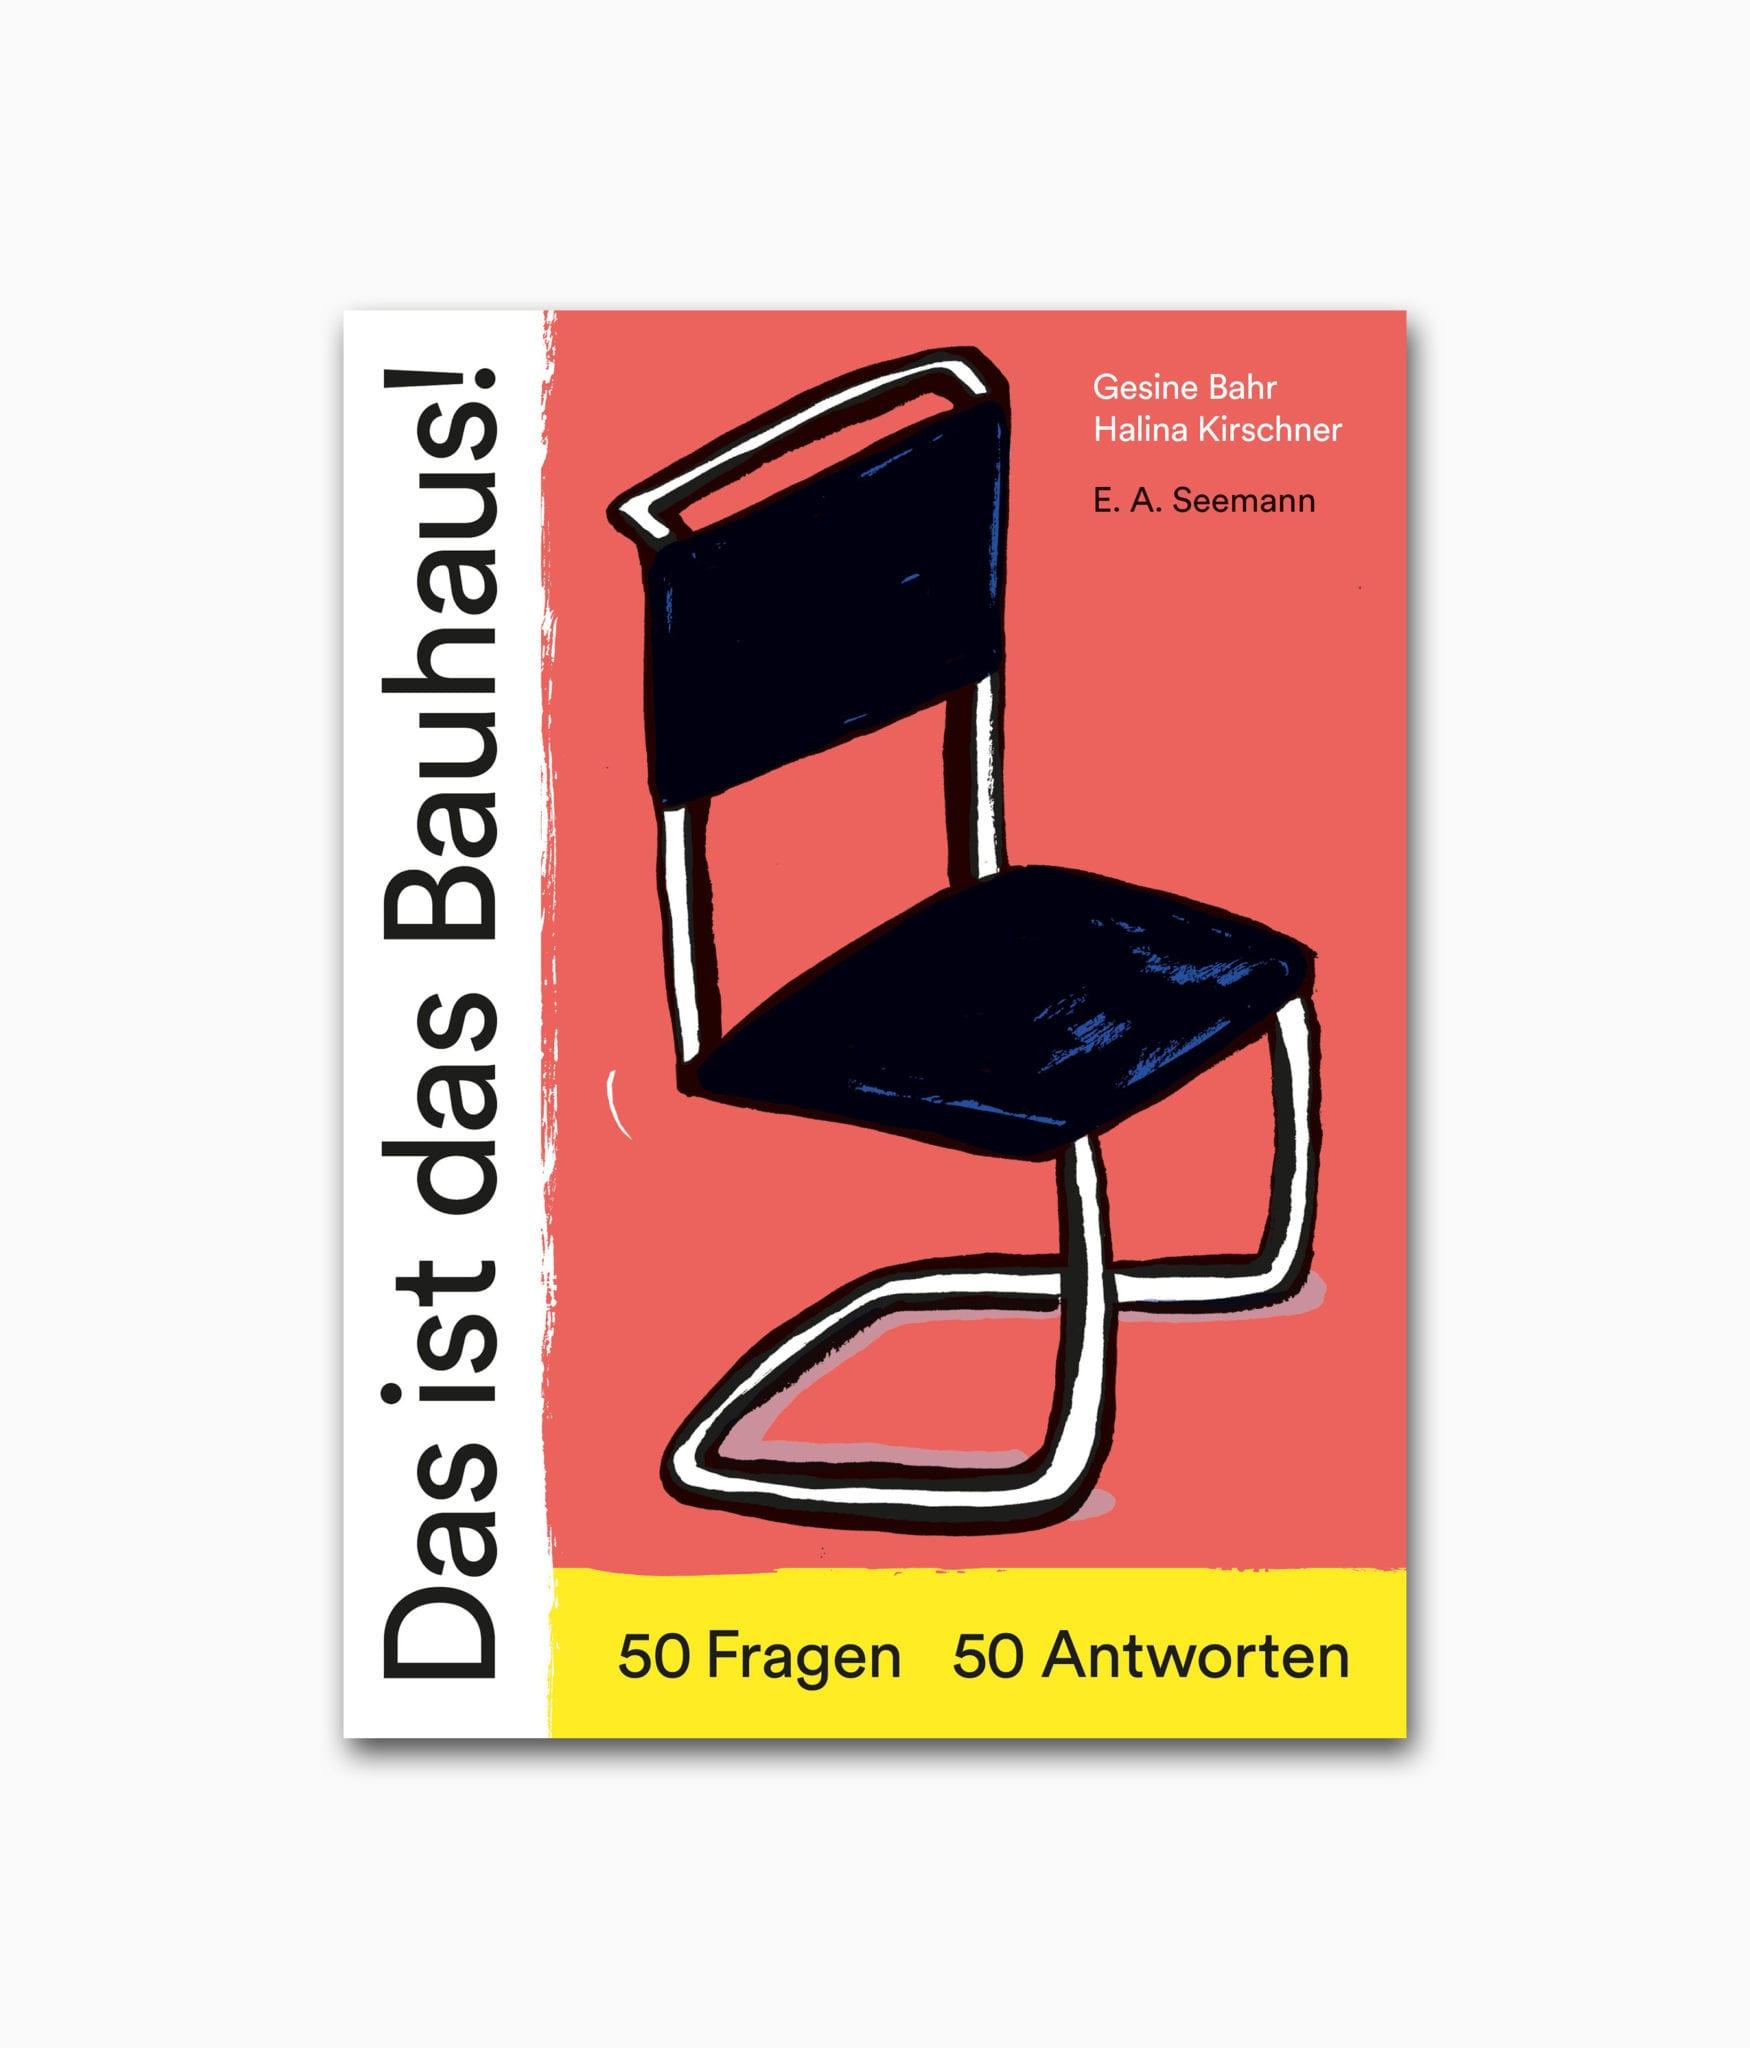 Buchcover des Architektur-Bildbandes mit dem Titel Das ist das Bauhaus aus dem E.A. Seemann Verlag